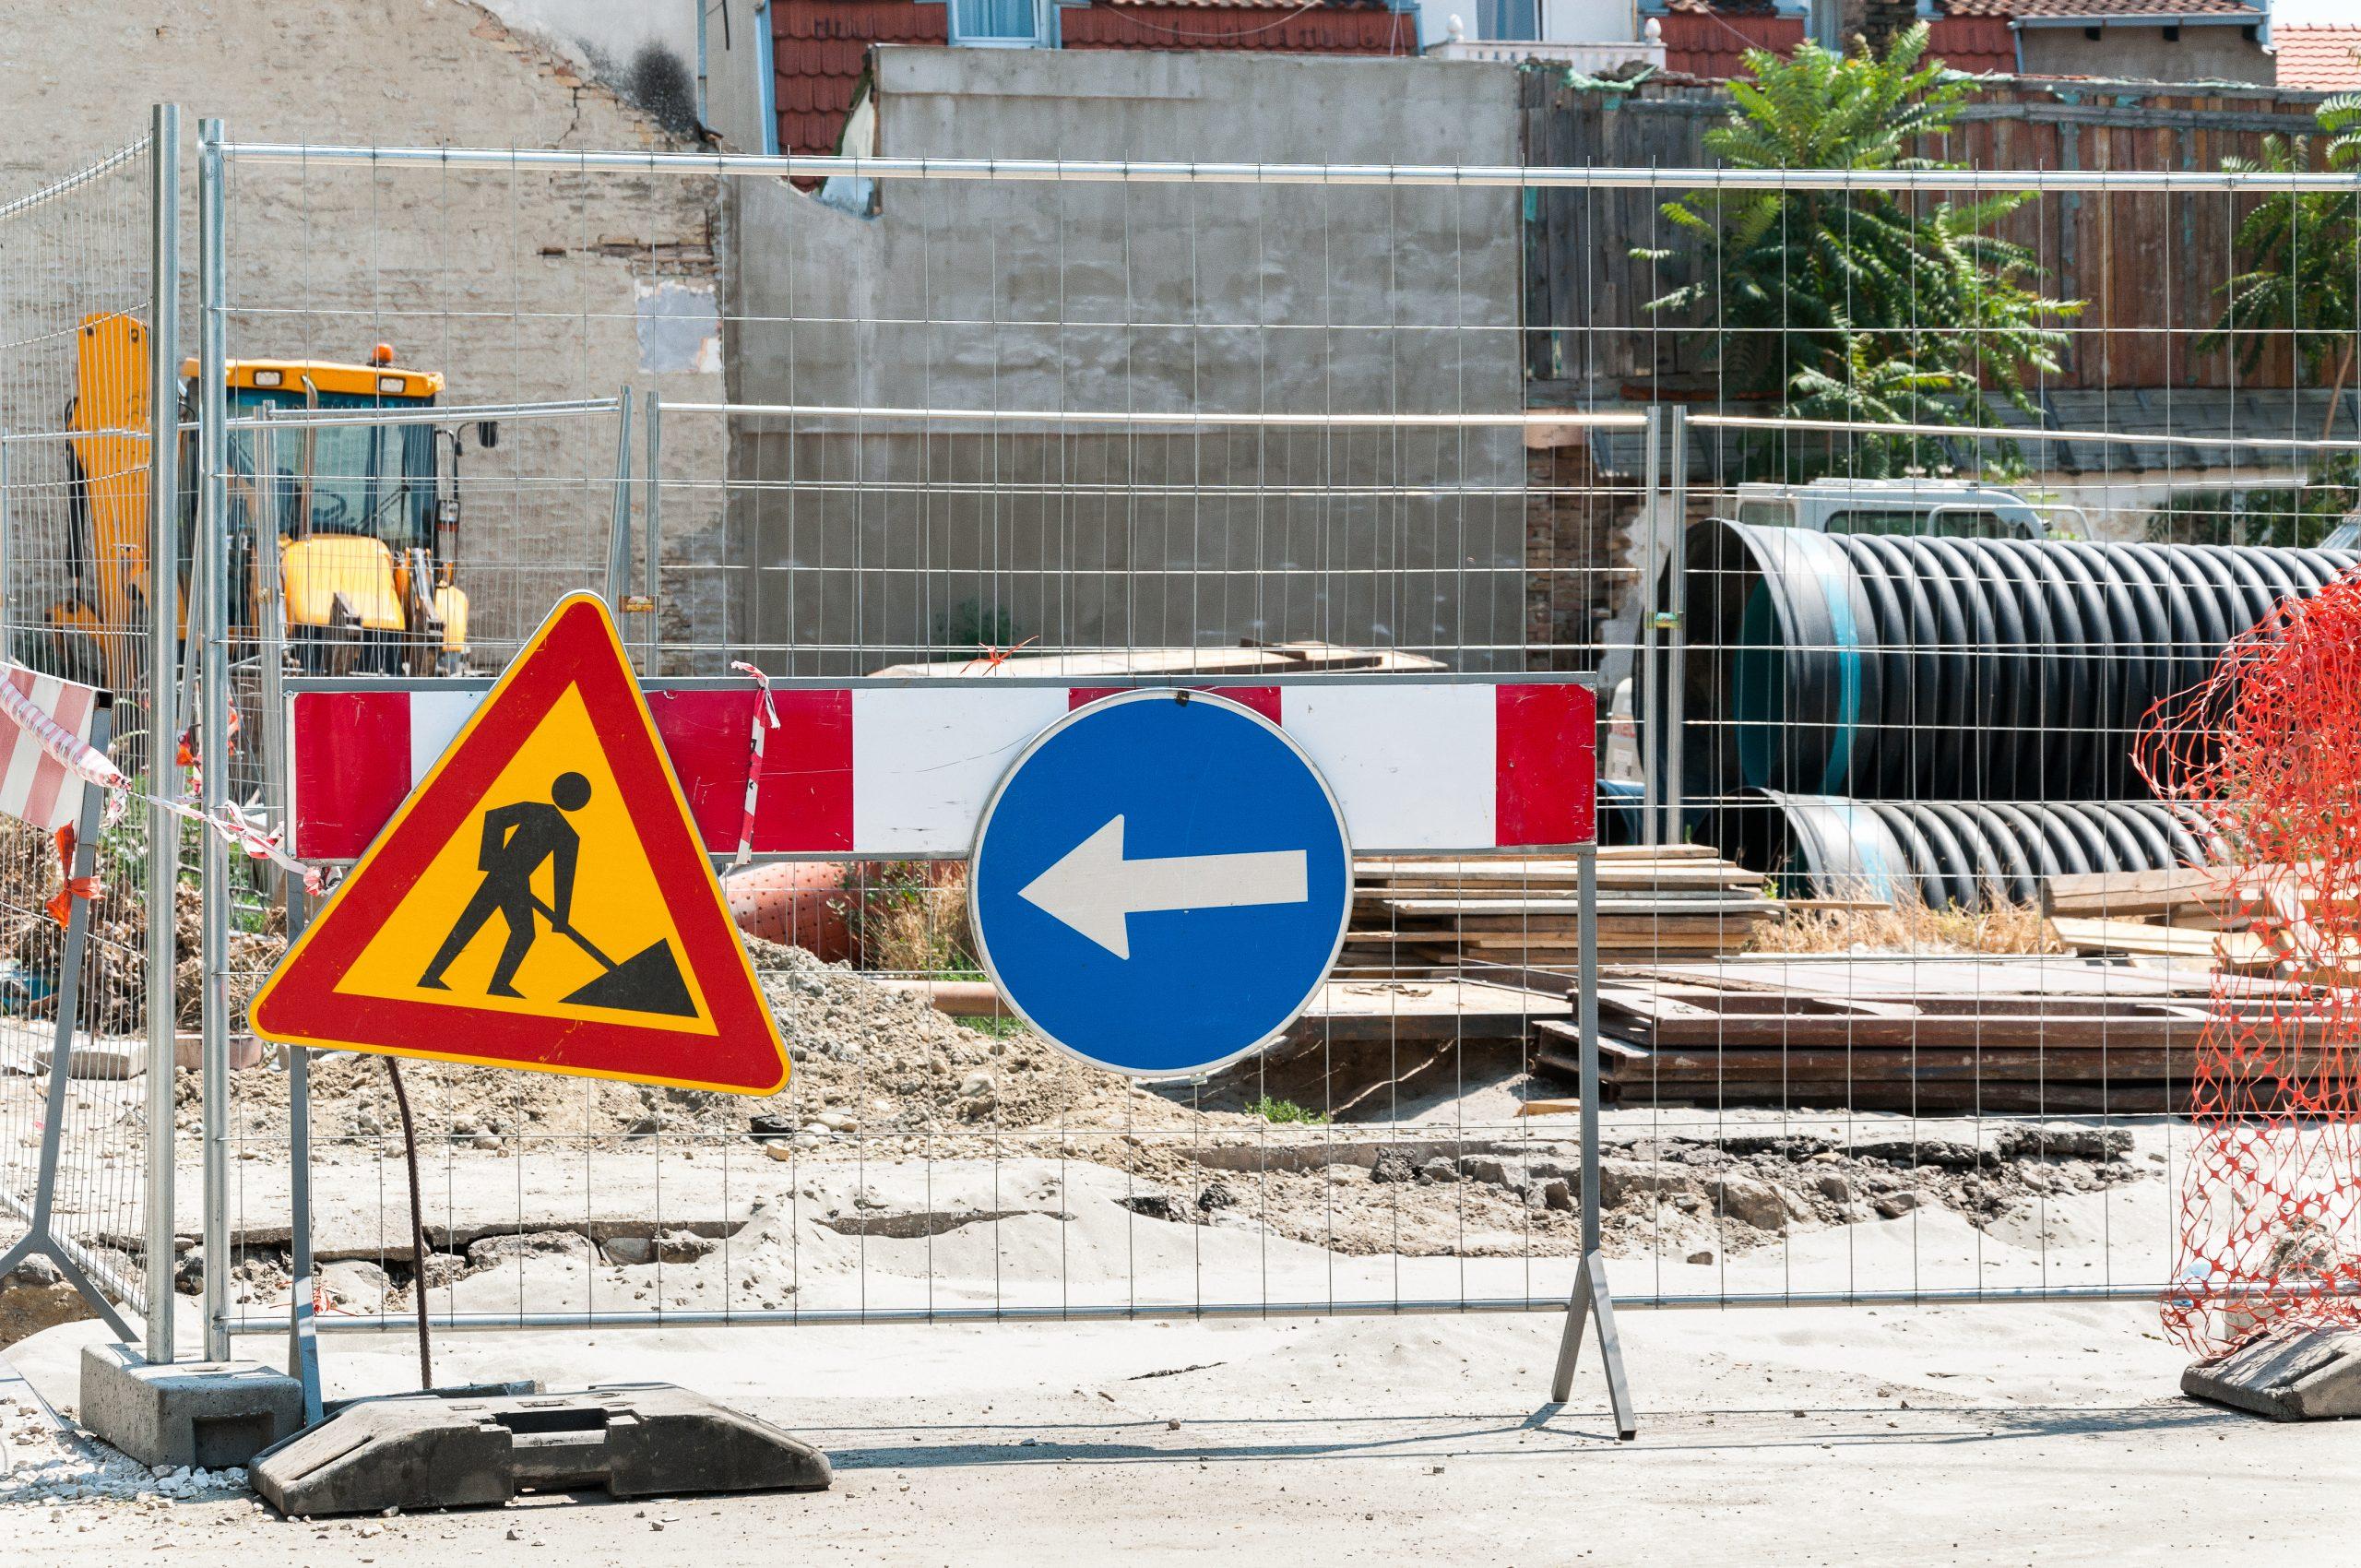 Prace budowlane przy drodze – jak zachować odpowiednie bezpieczeństwo